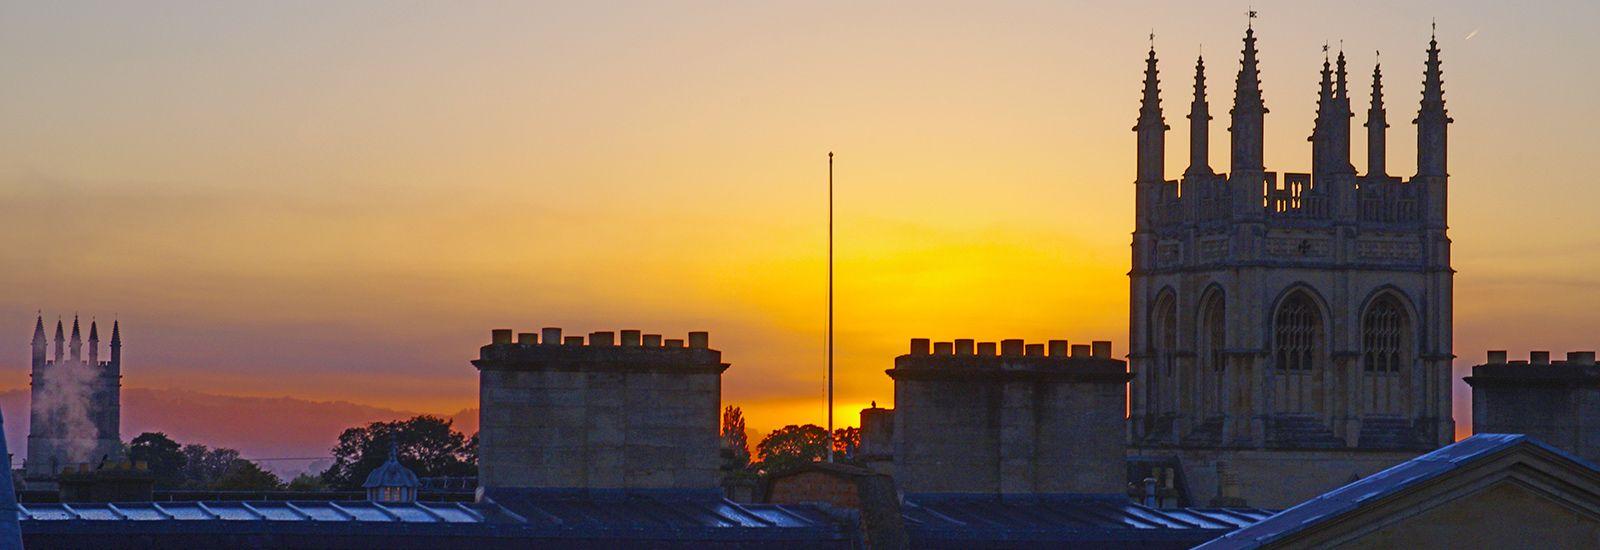 Dawn over Christ Church